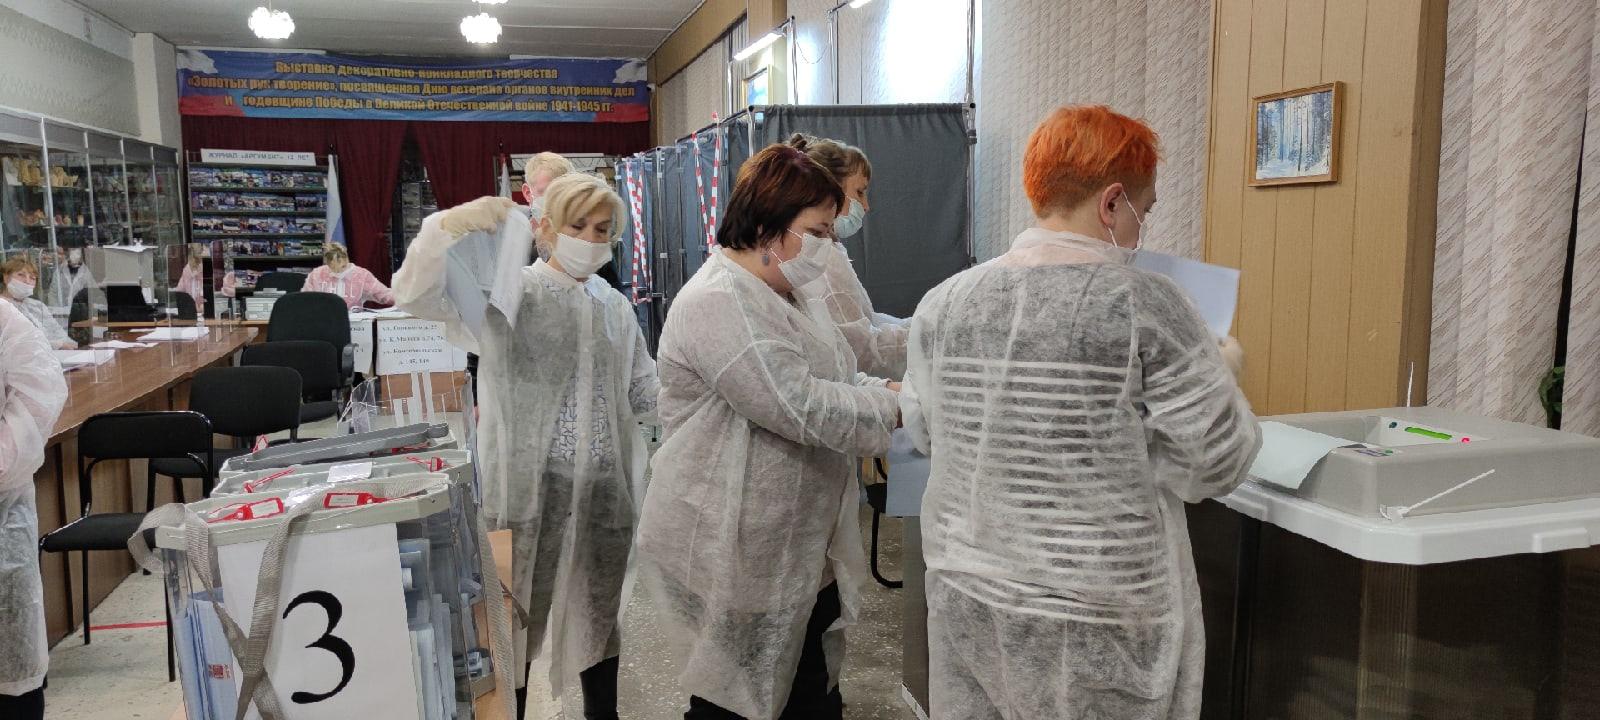 Наблюдатель Валентин Севастьянов рассказал о первом дне голосования в Йошкар-Оле